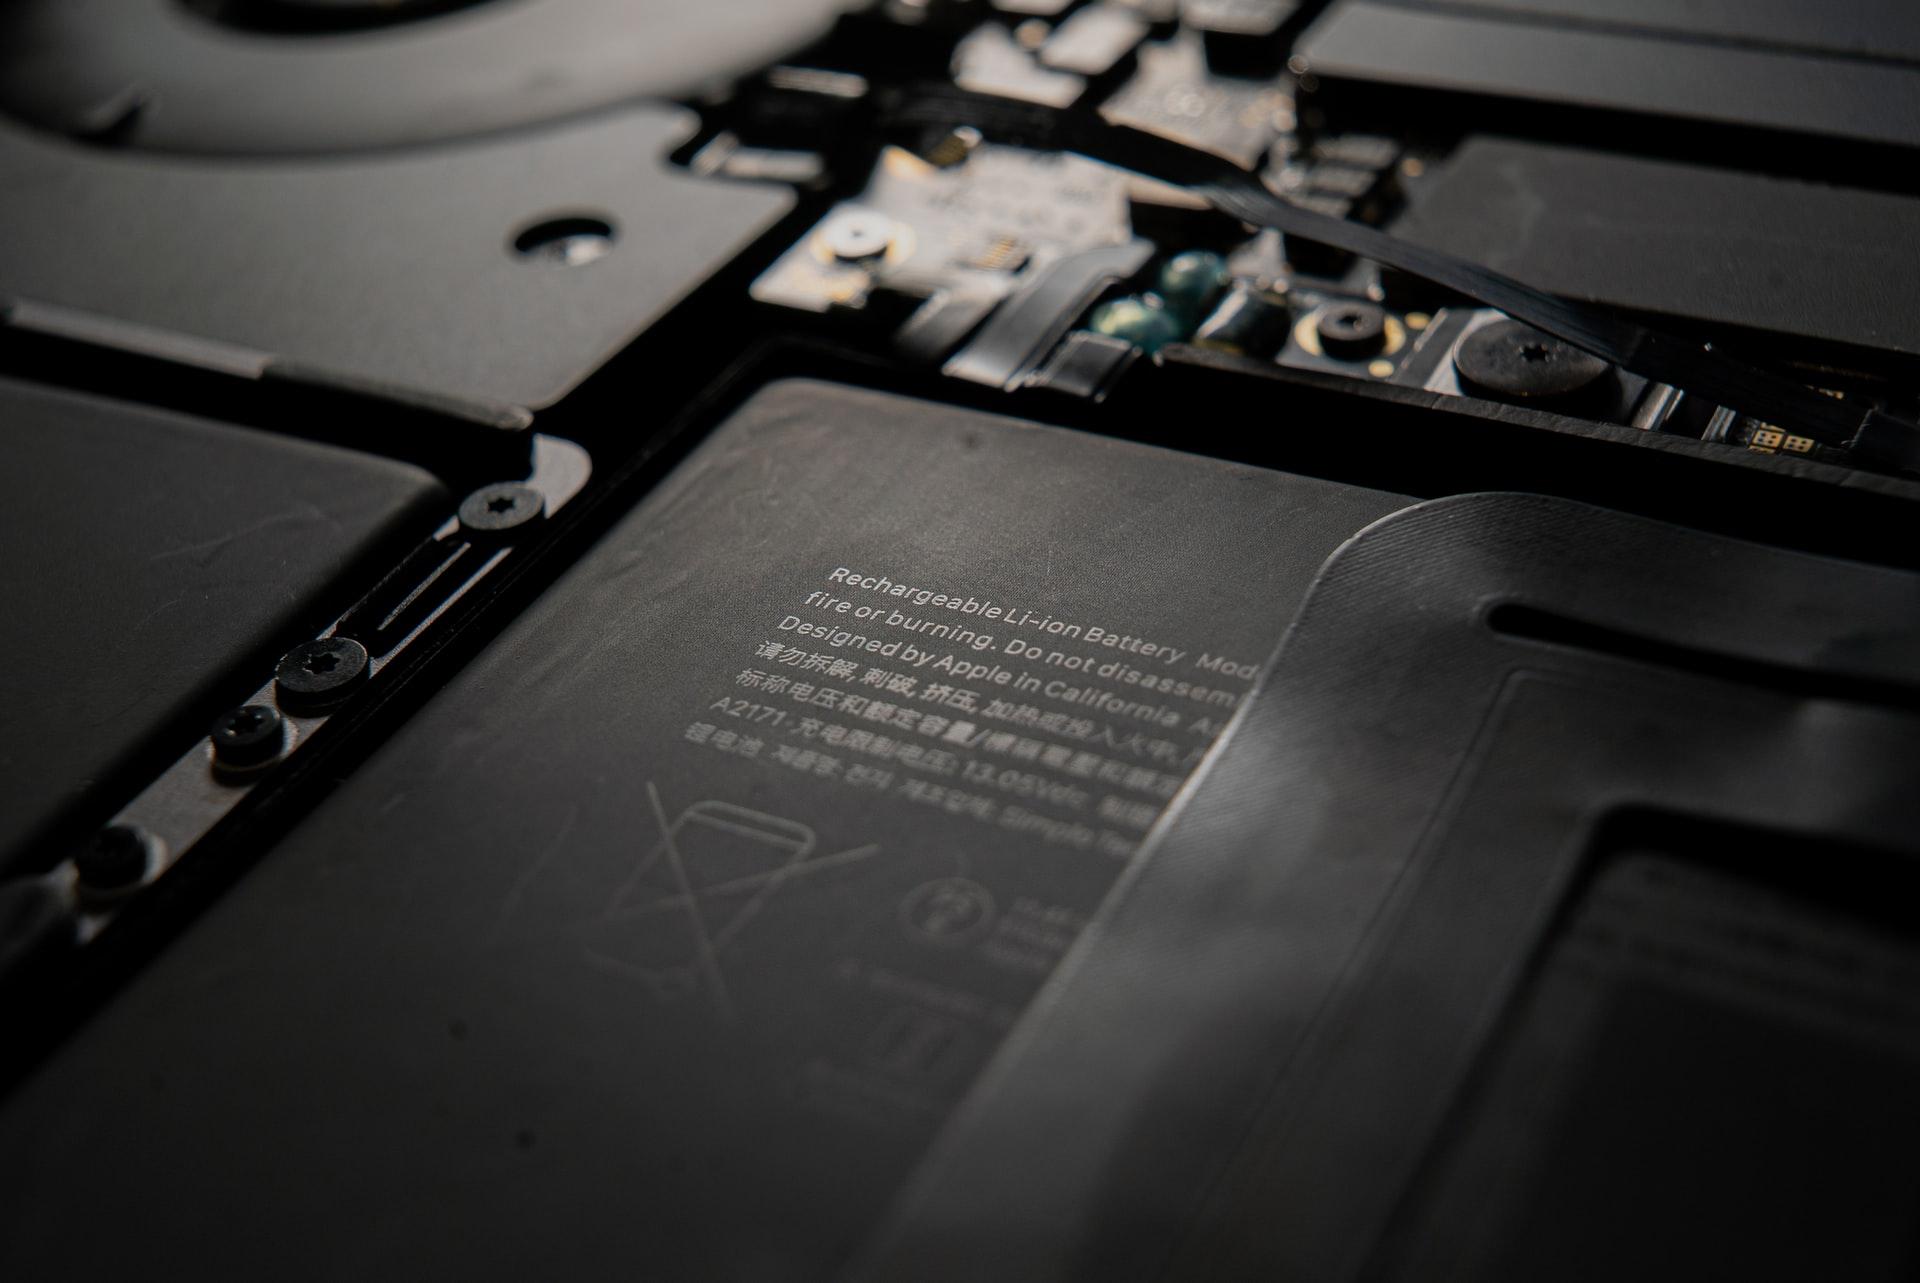 Когда следует заменить аккумулятор ноутбука?